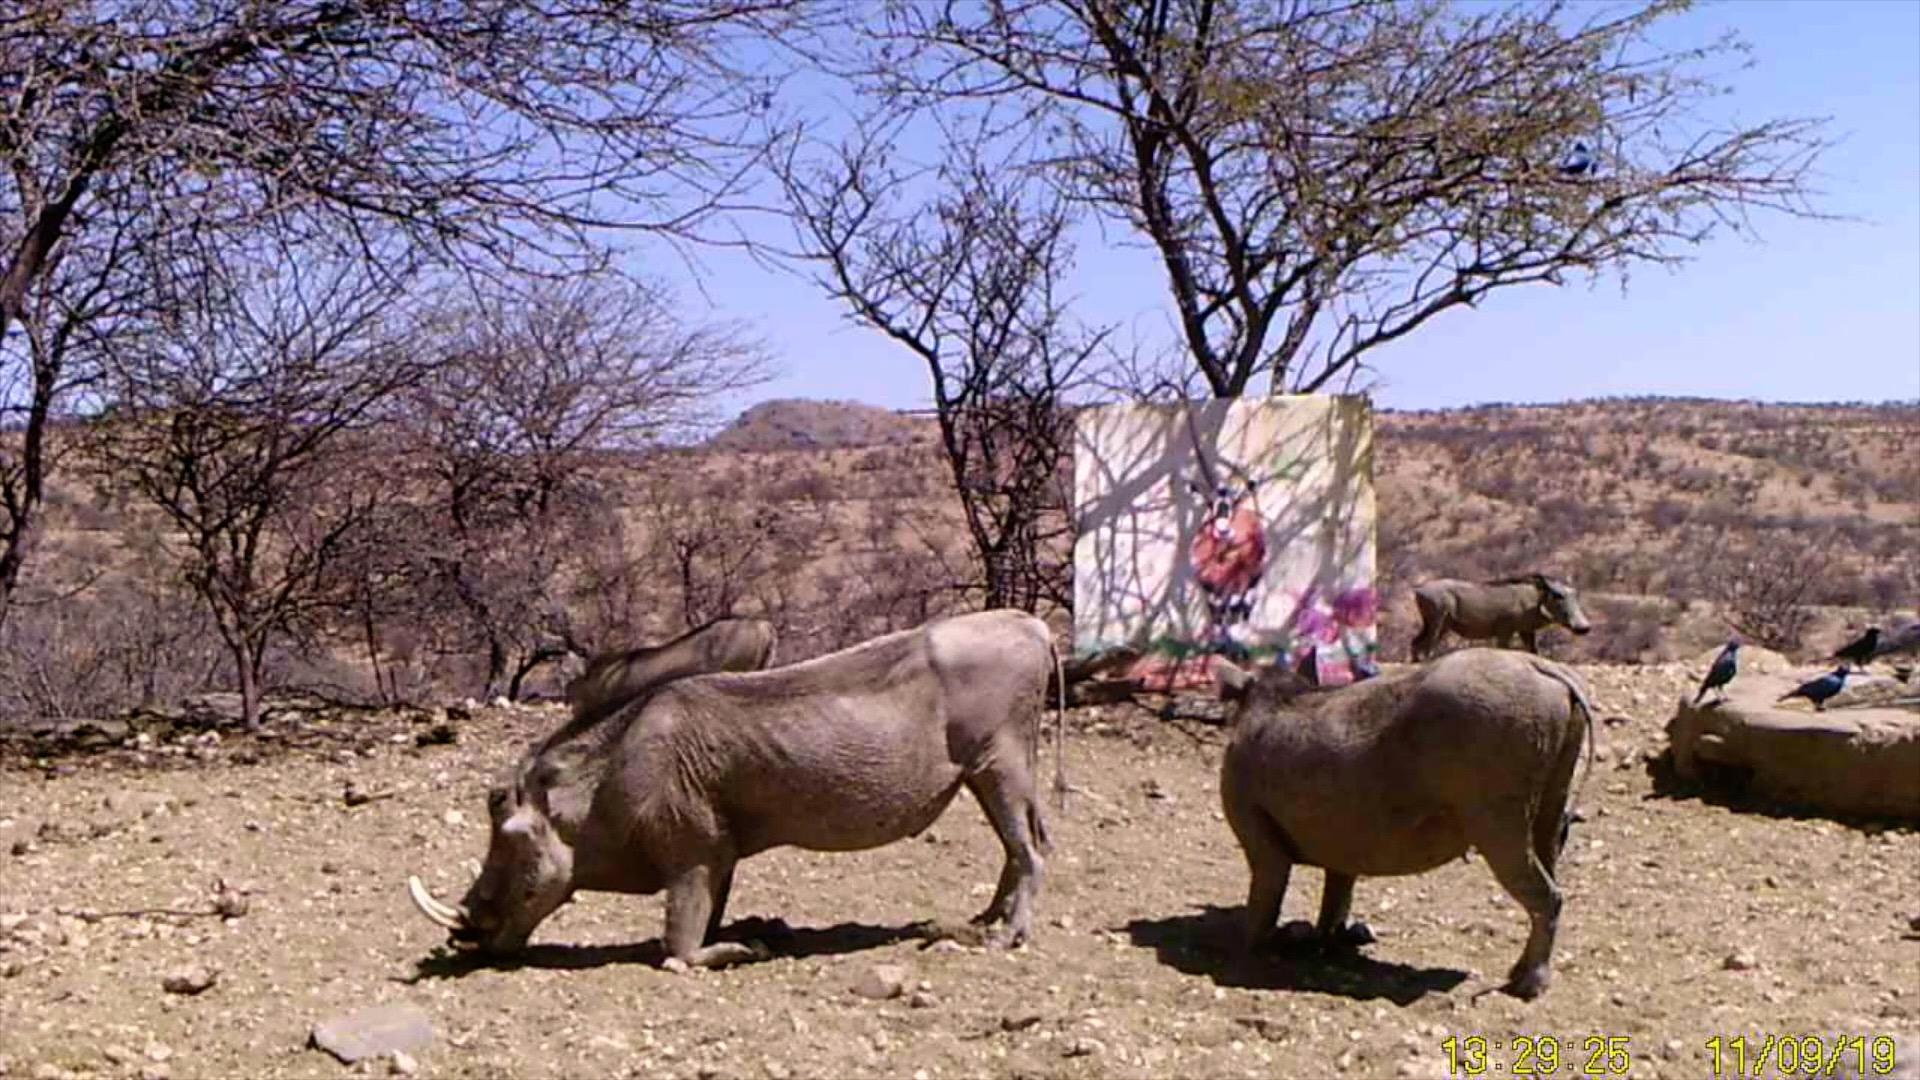 Filmstill SUPERWILDVISION Namibia 2019, Kunstprojekt von Irene Mueller, Warzenschweine mit Gemaelde